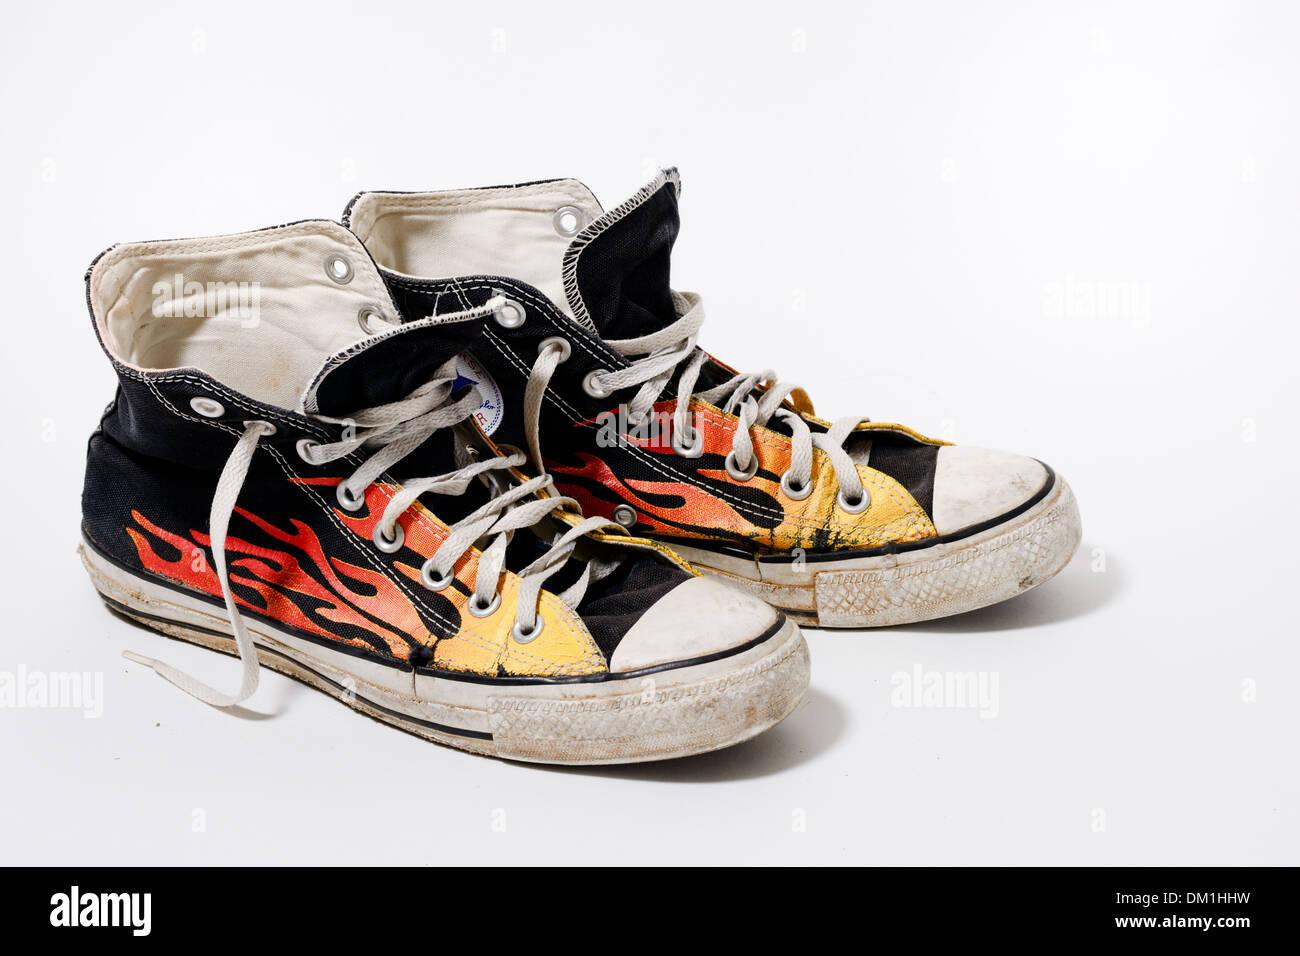 36390433 Desgastada y sucia Converse All Star shoes aislado sobre fondo blanco.  Imagen De Stock